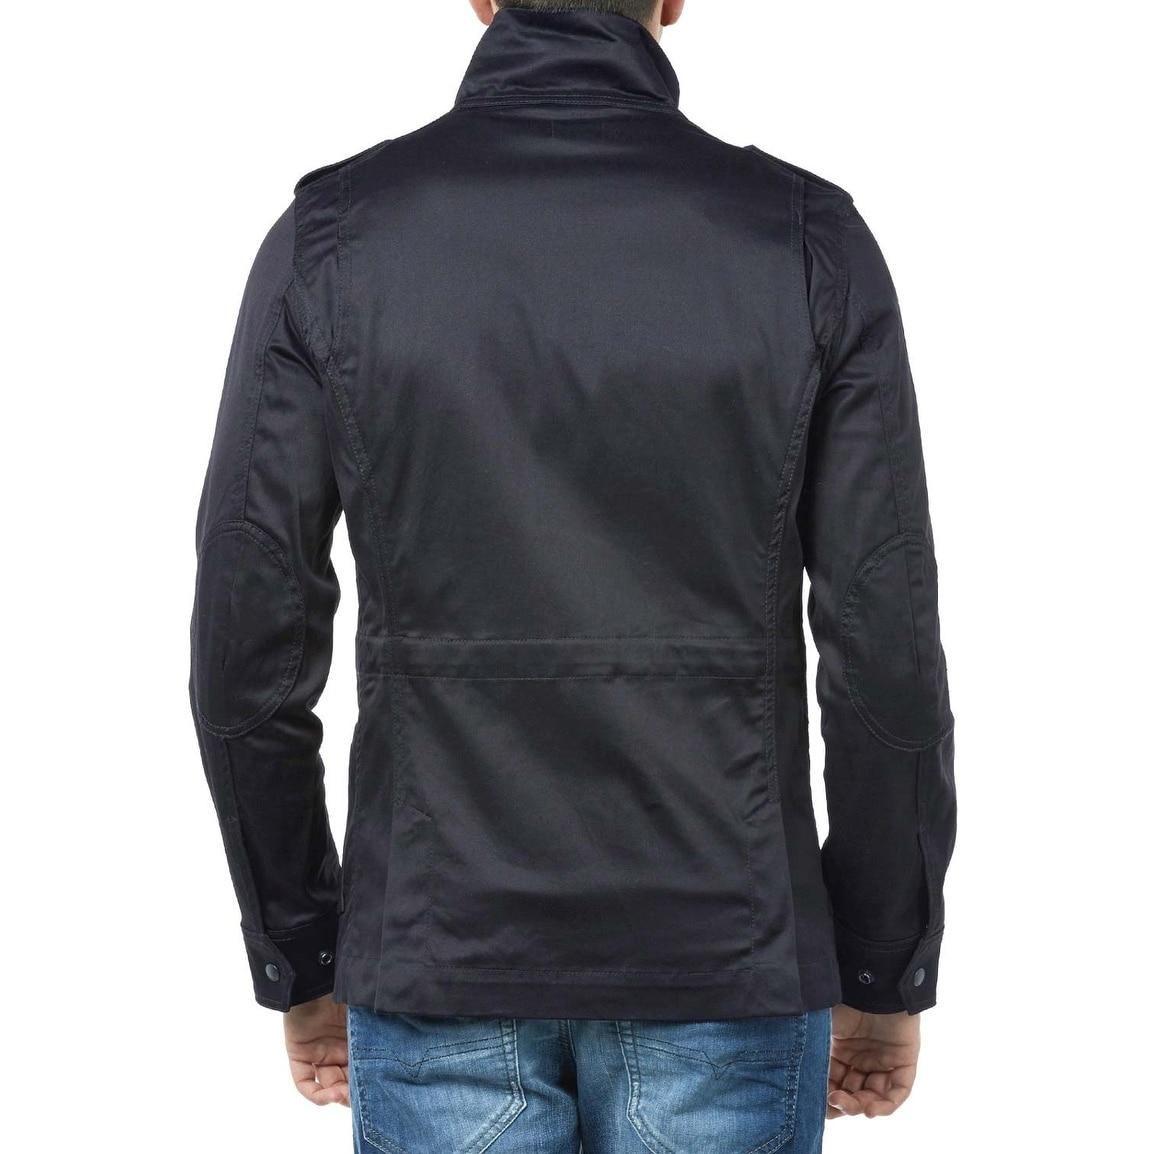 Diesel jacket j nirav